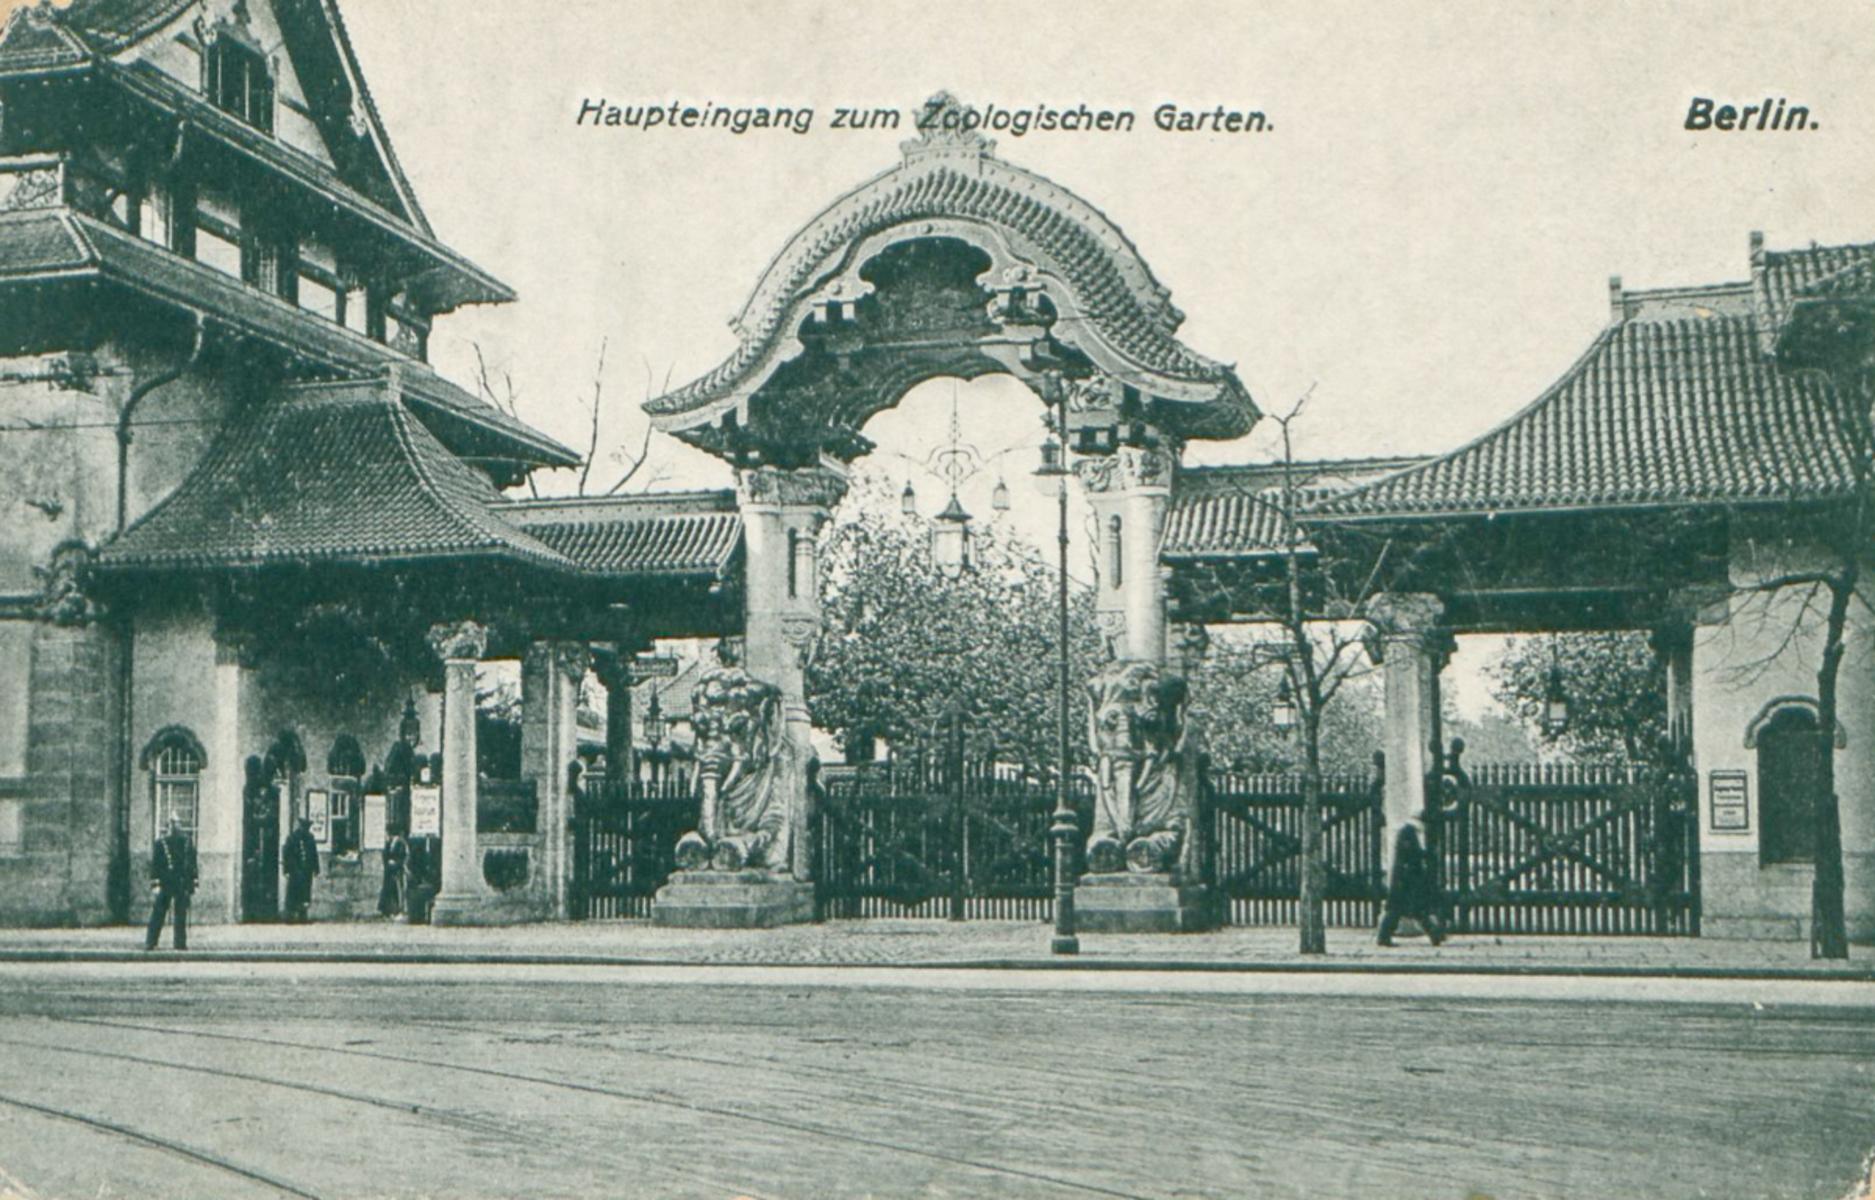 Zoo_Eingang-IV-64-1294-V.jpg